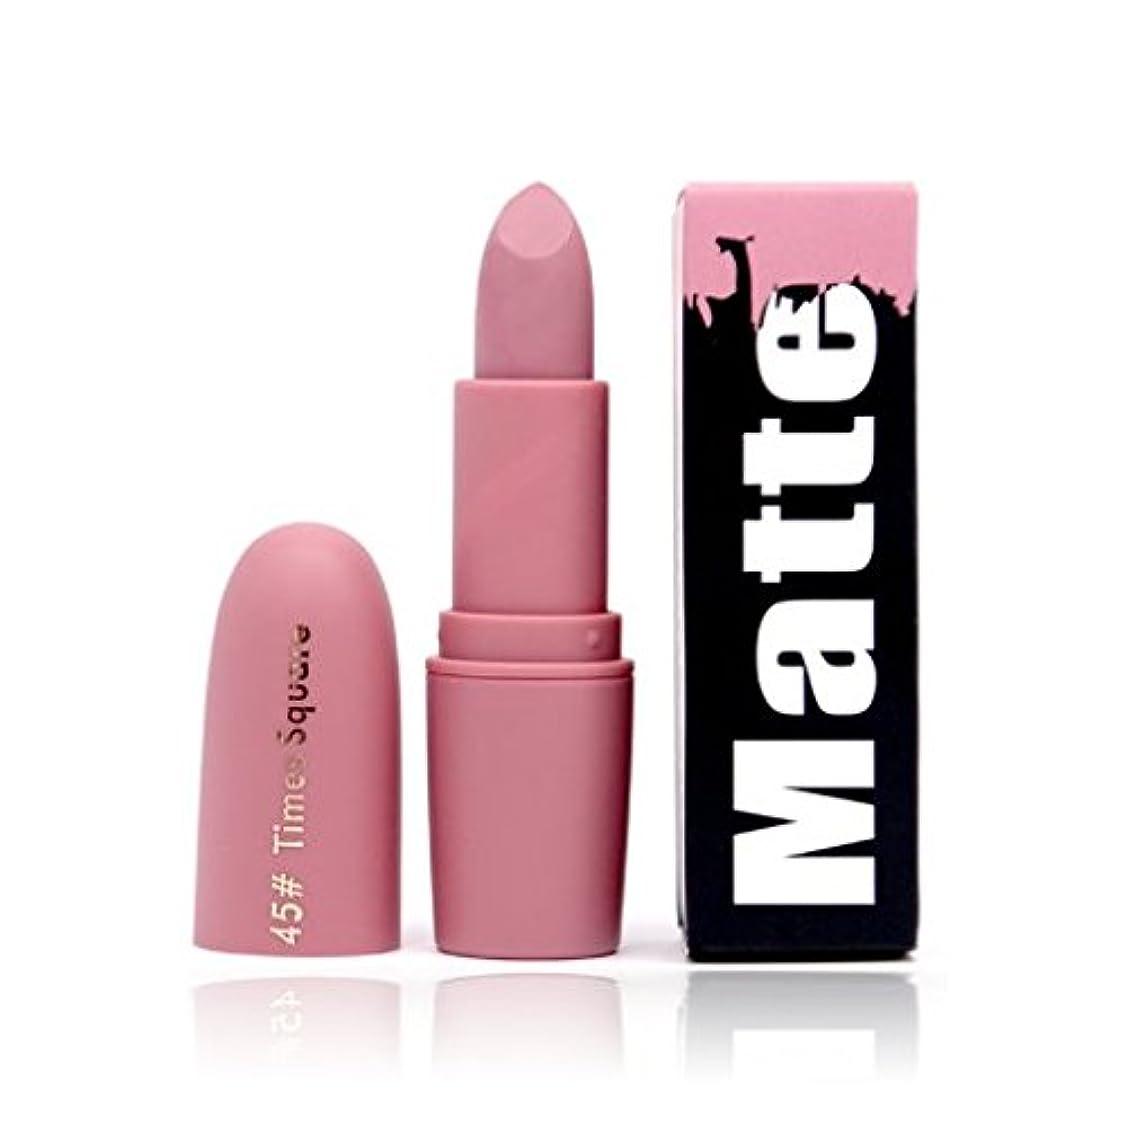 アンテナ引数精緻化Beauty Matte Moisturizing Lipstick Makeup Lipsticks Lip Stick Waterproof Lipgloss Mate Lipsticks Cosmetic